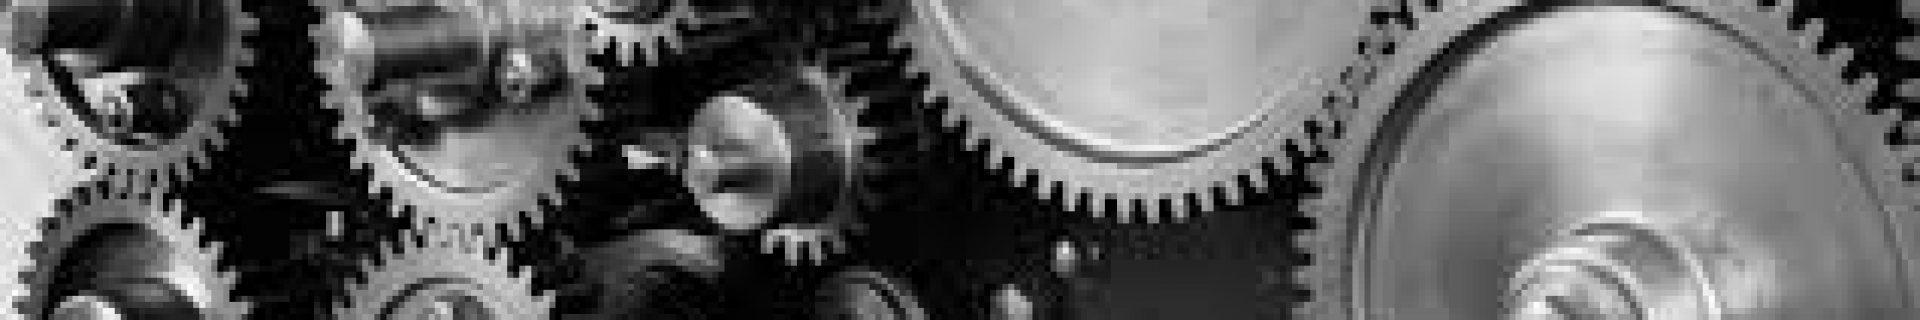 La manifattura italiana ai tempi del Covid-19. La testimonianza di un imprenditore metalmeccanico